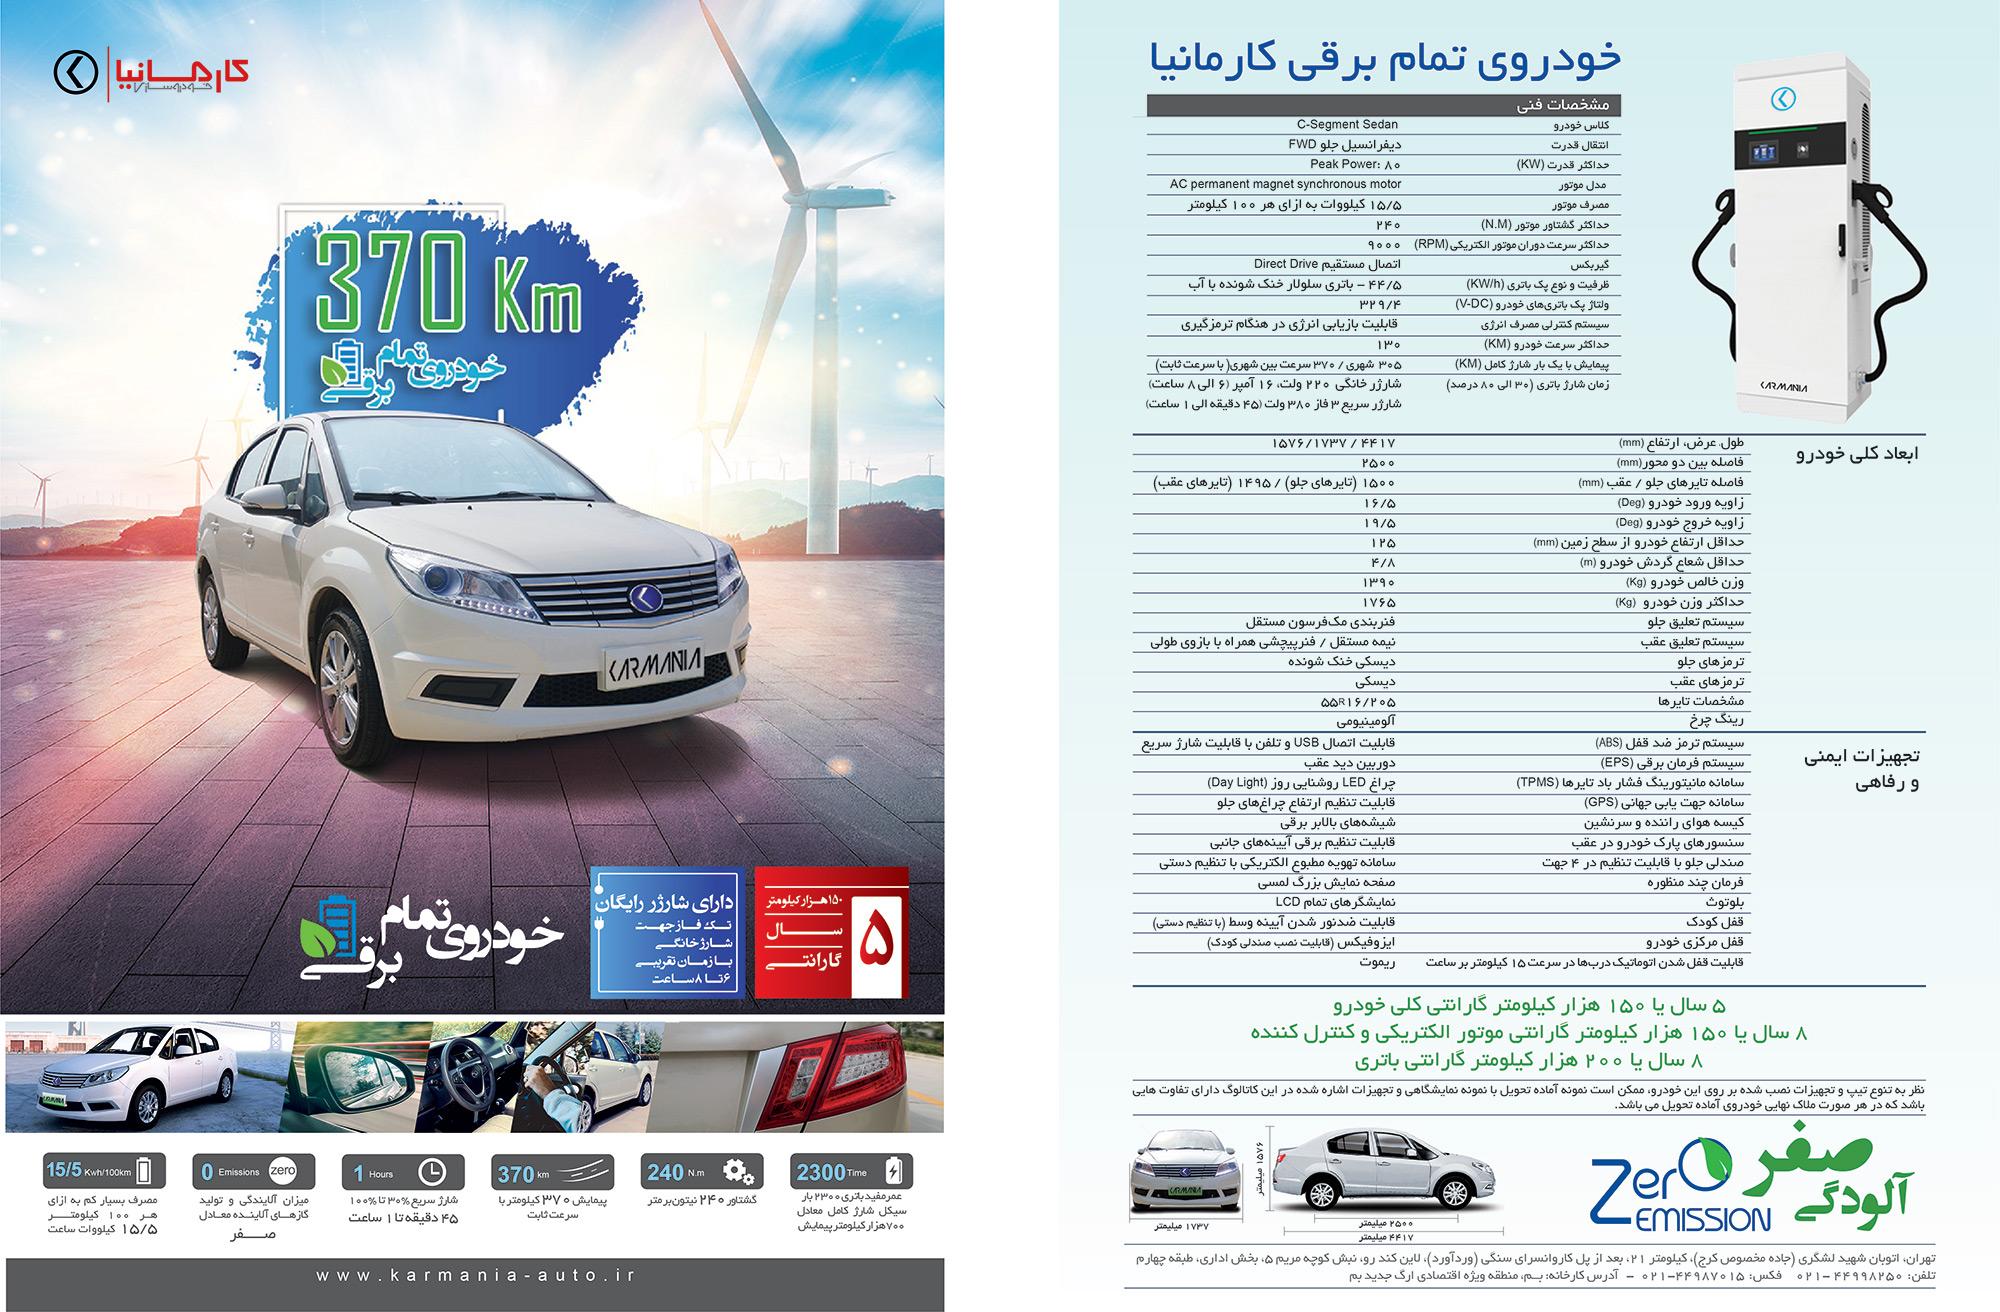 مشخصات خودرو تمام برقی EK1 جدید ترین محصول کارمانیا